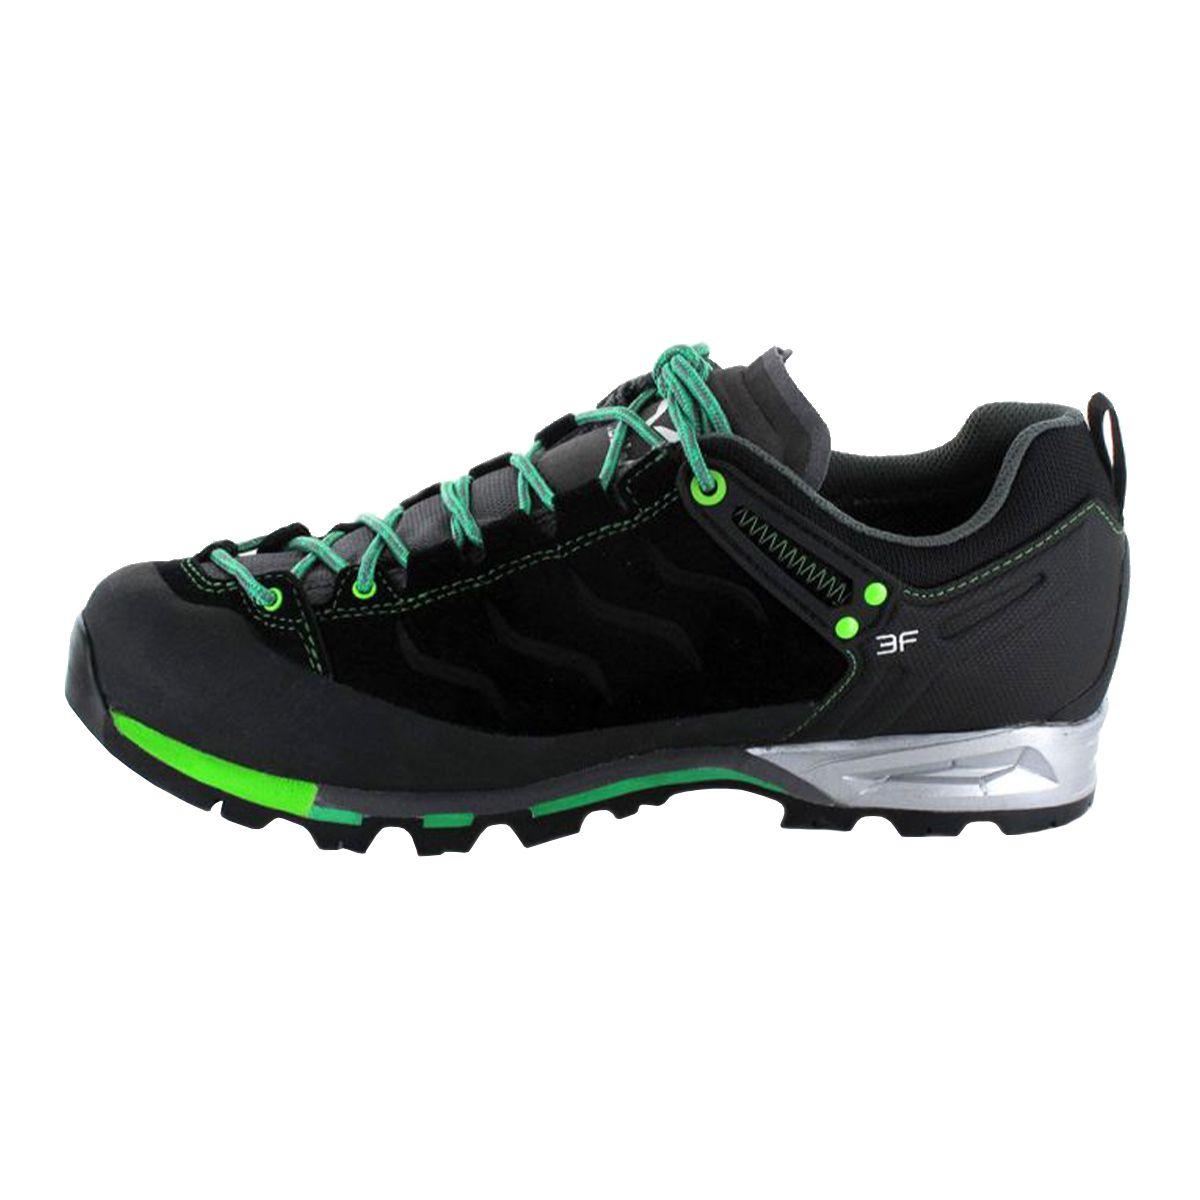 کفش کوهنوردی مردانه سالیوا مدل Trainer GTX کد 21